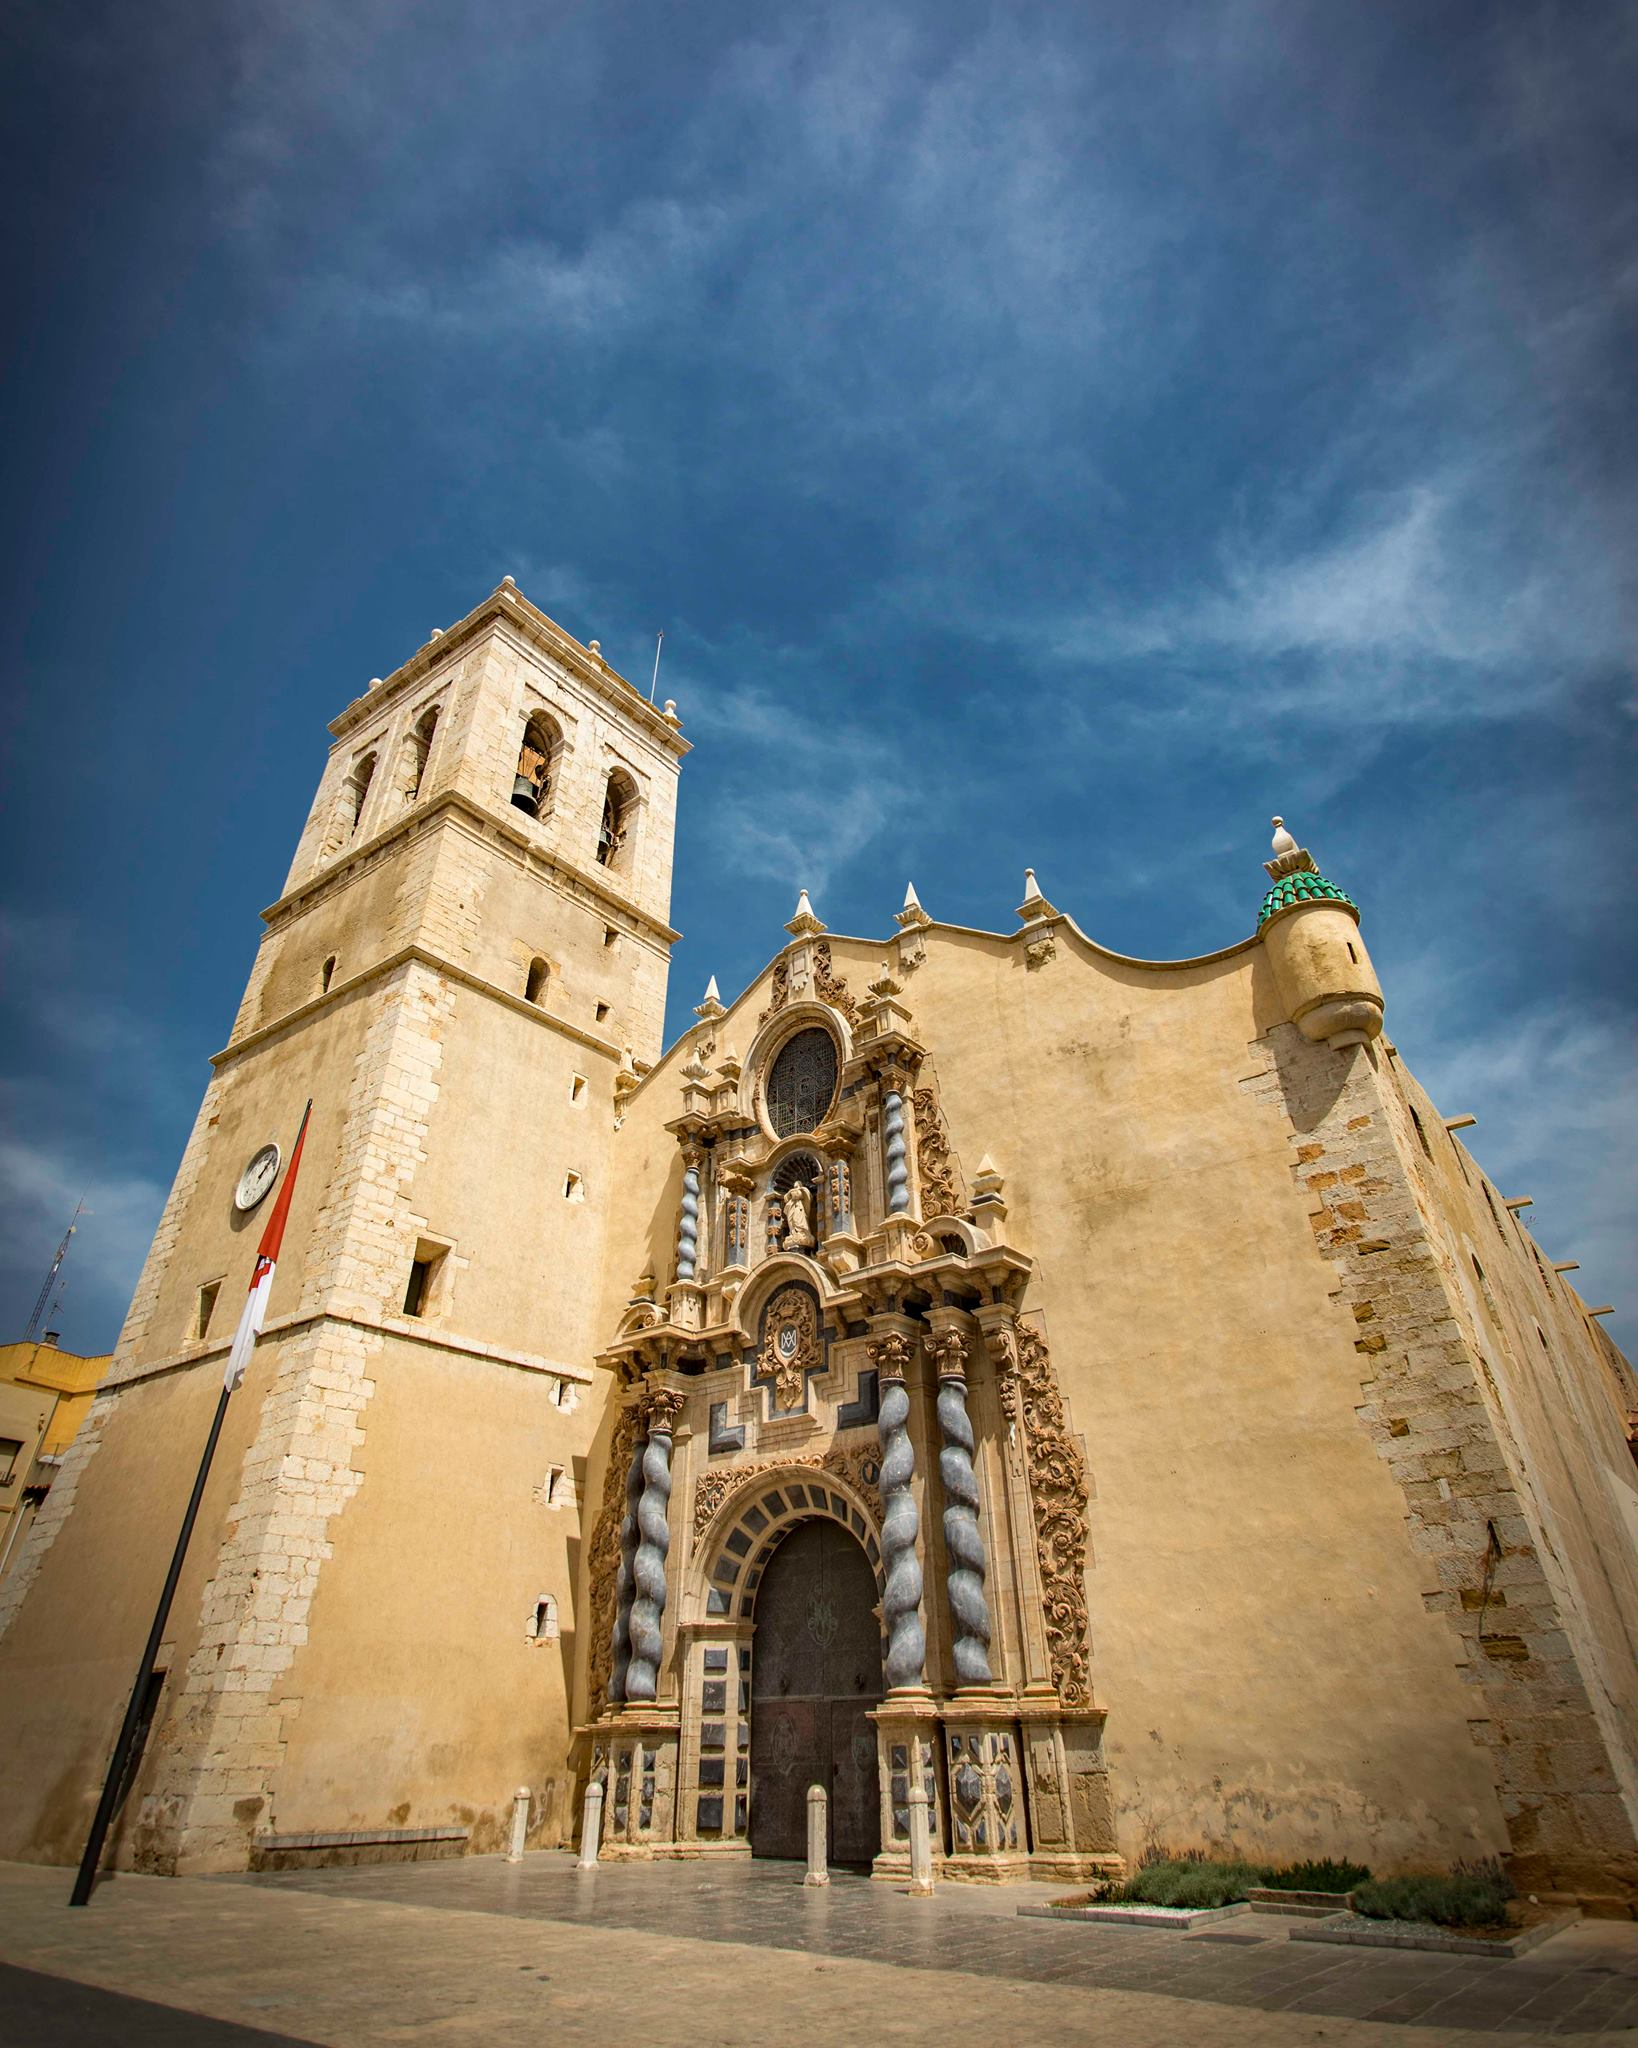 Església Parroquial de l'Assumpció de la Mare de Déu